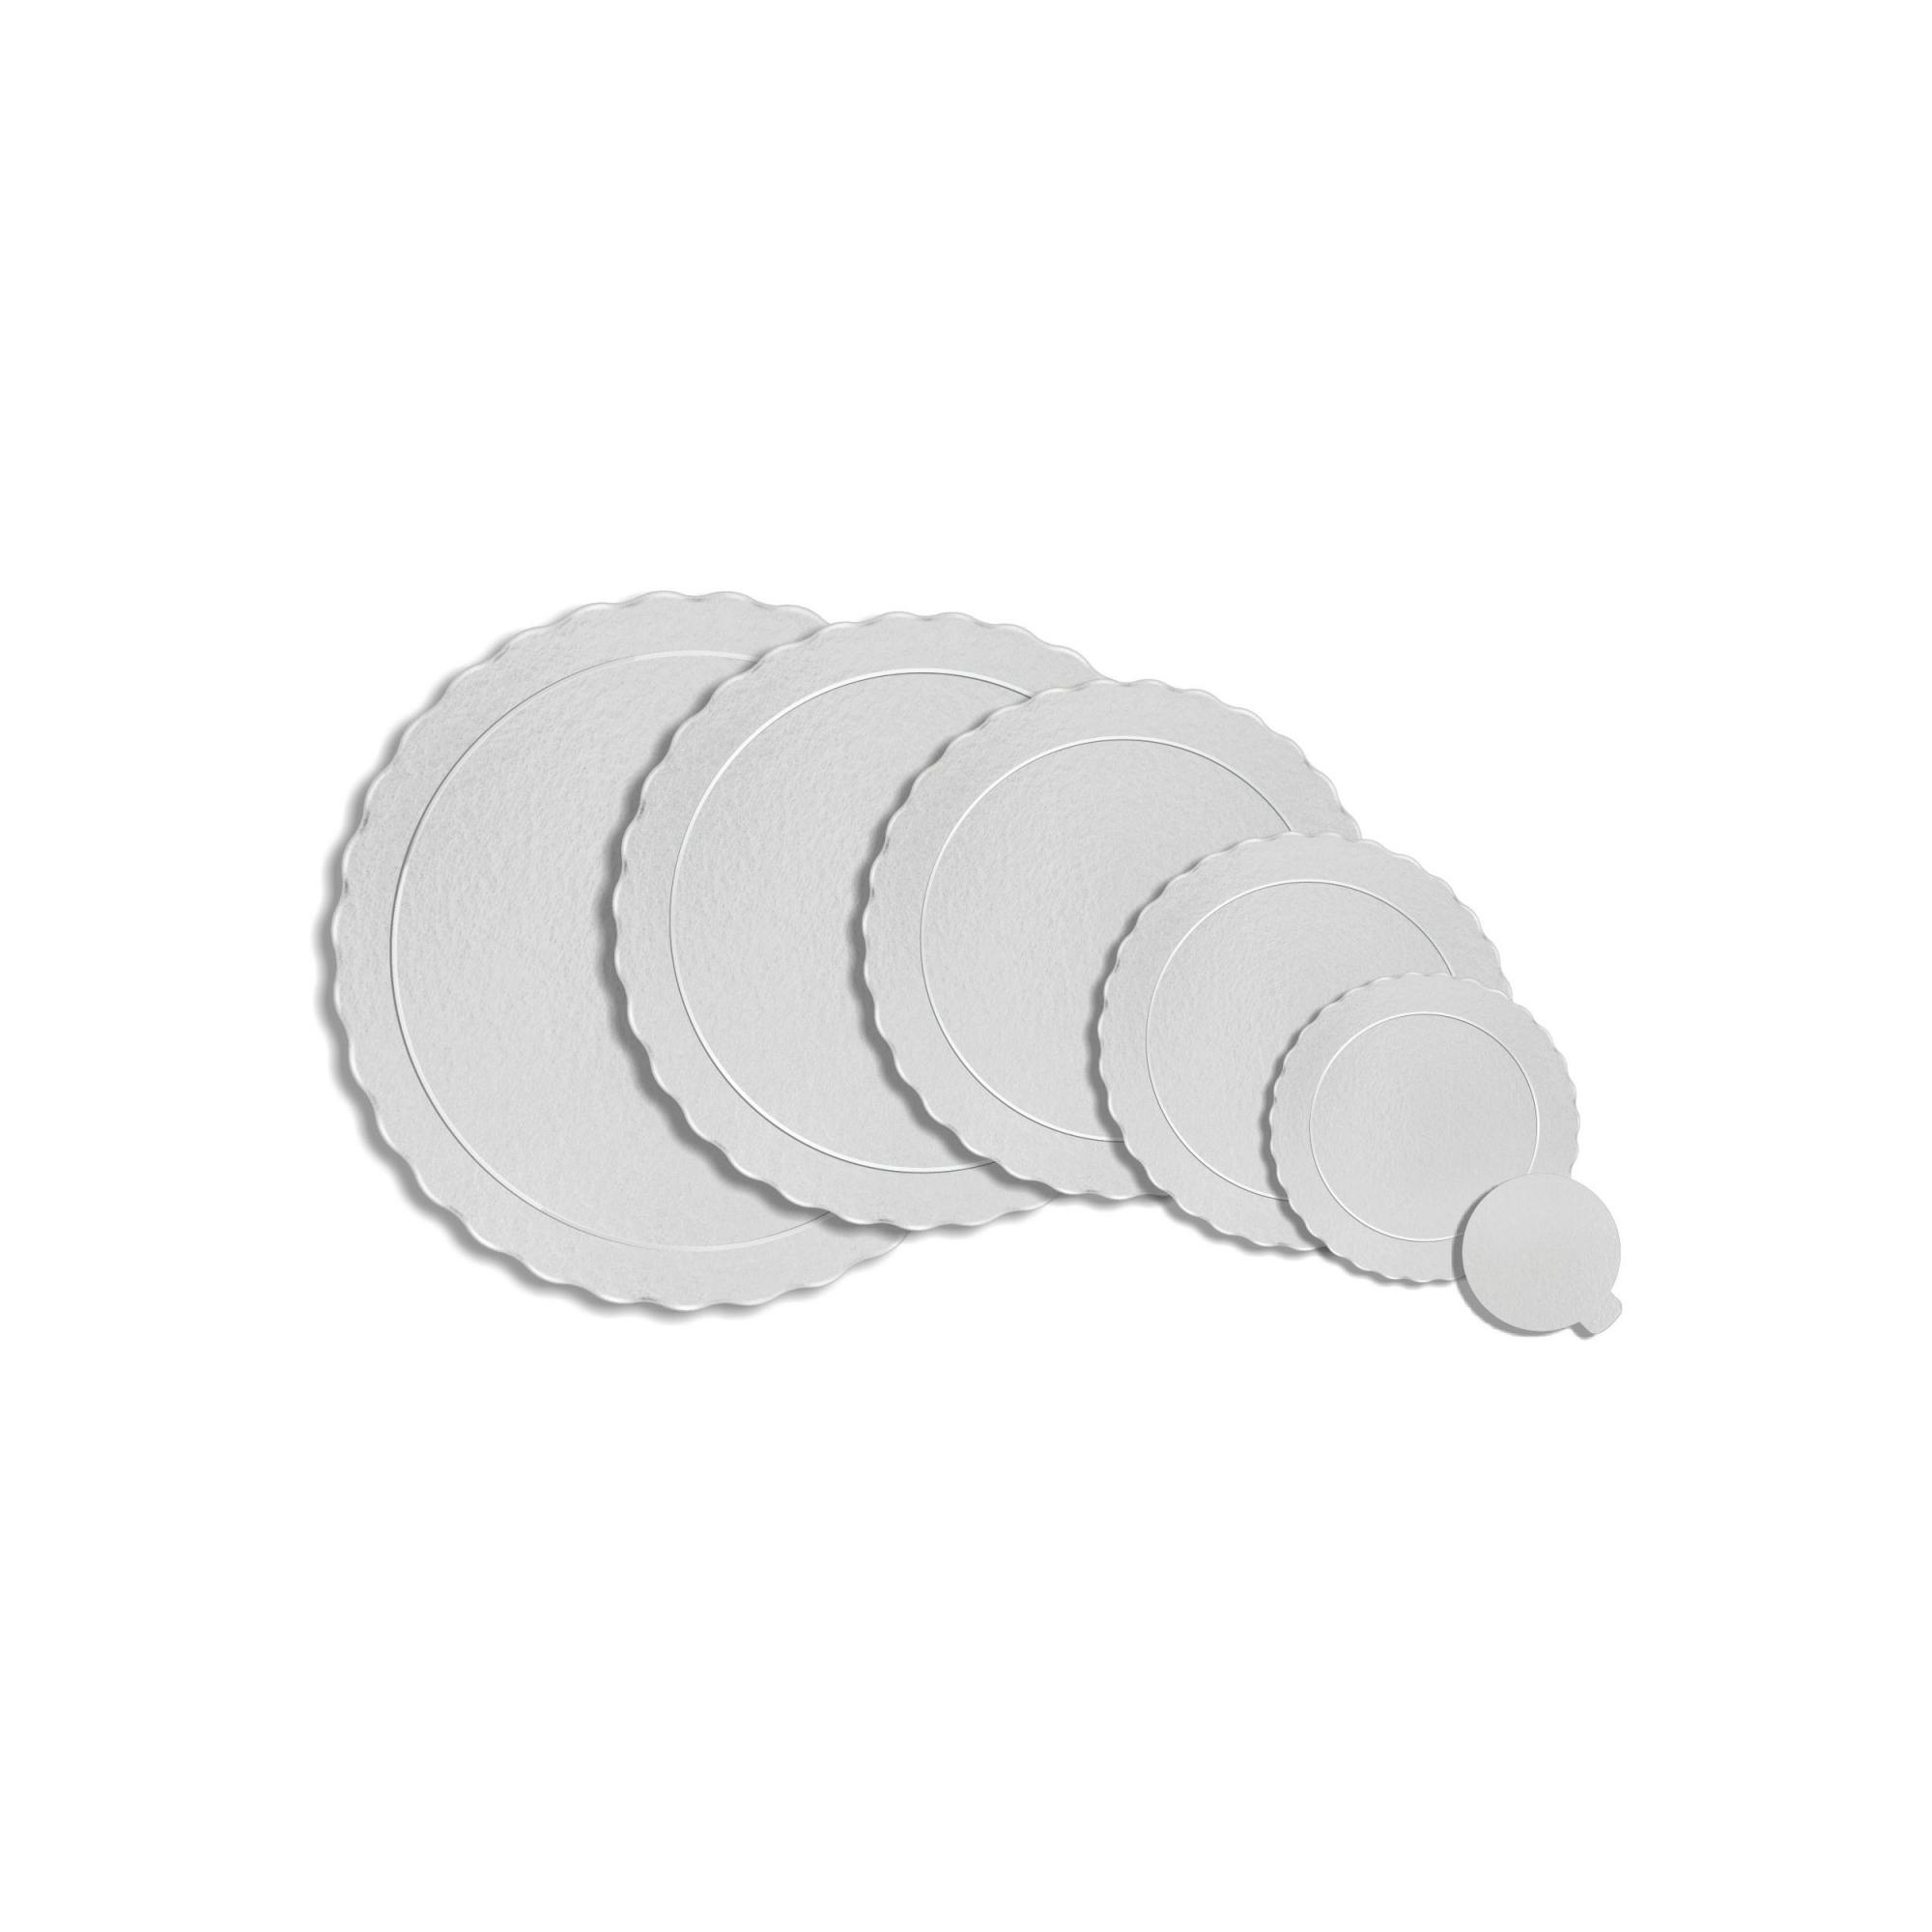 Kit 100 Bases Laminadas Para Bolo, Cake Board, 20 e 25cm - Branco